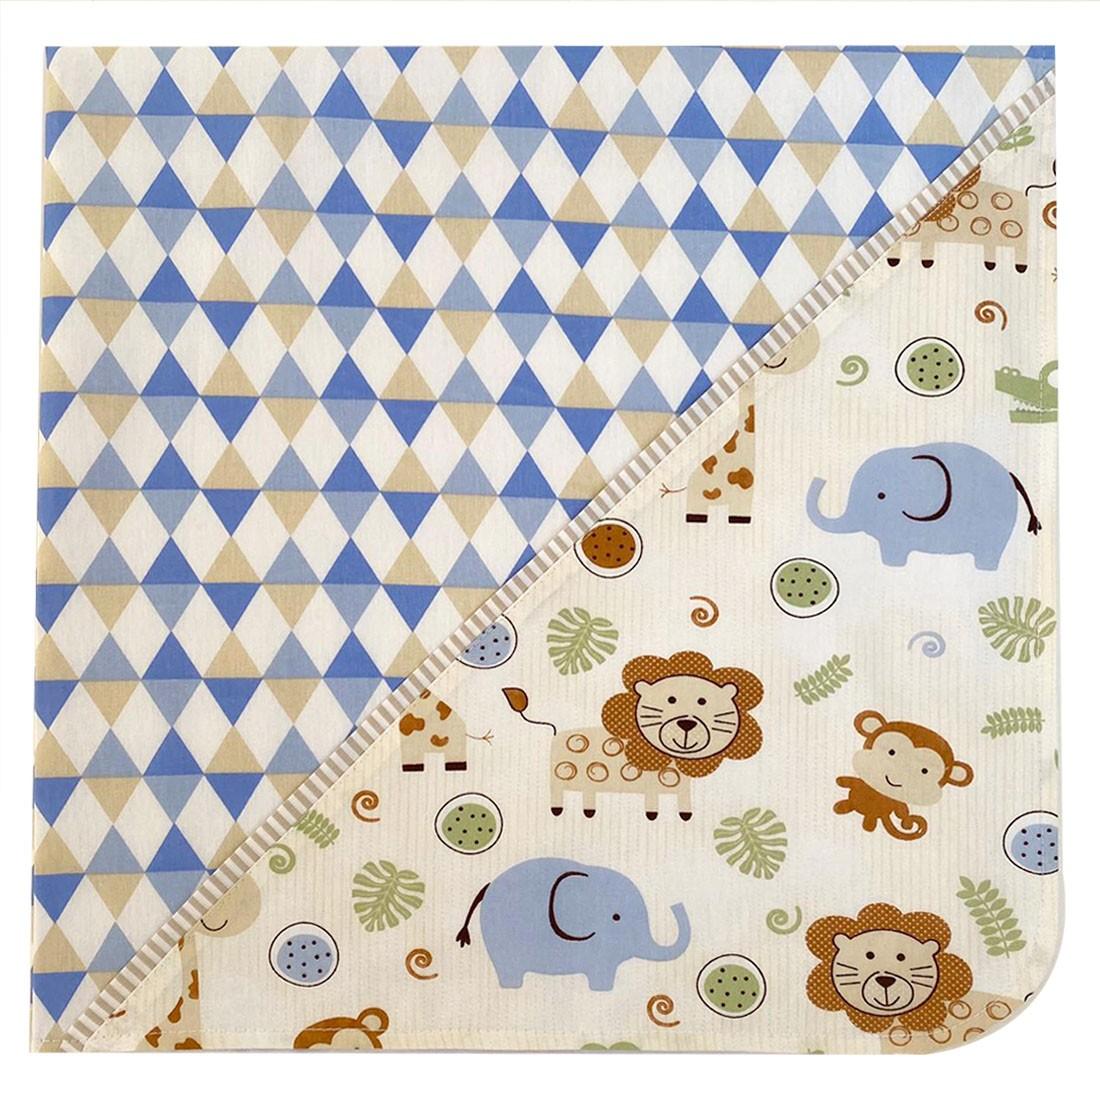 Manta para Bebê em tecido Safari Azul